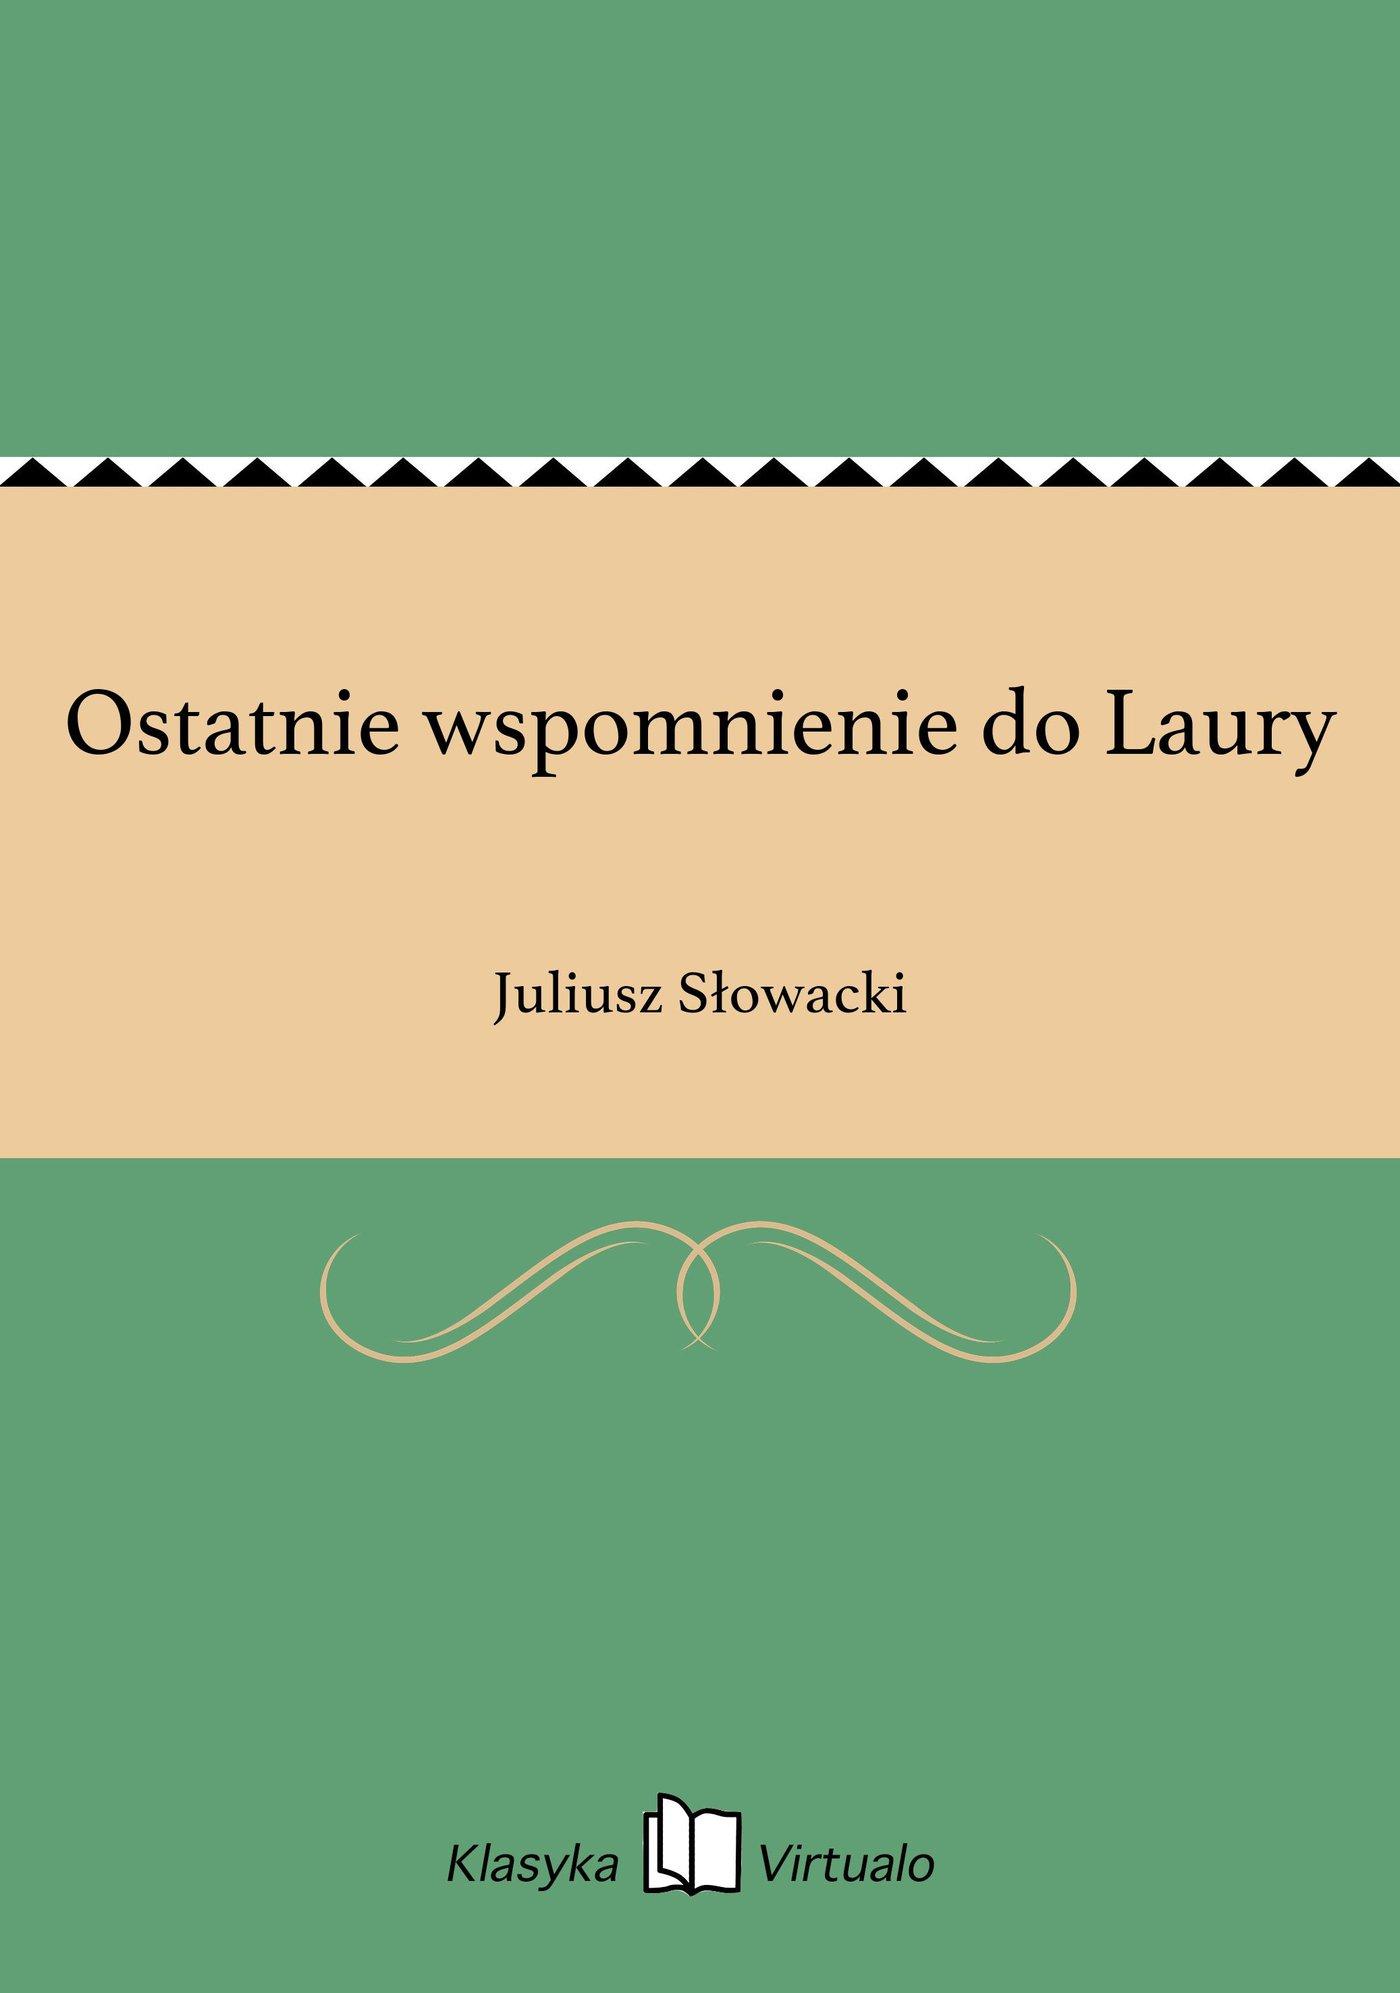 Ostatnie wspomnienie do Laury - Ebook (Książka EPUB) do pobrania w formacie EPUB